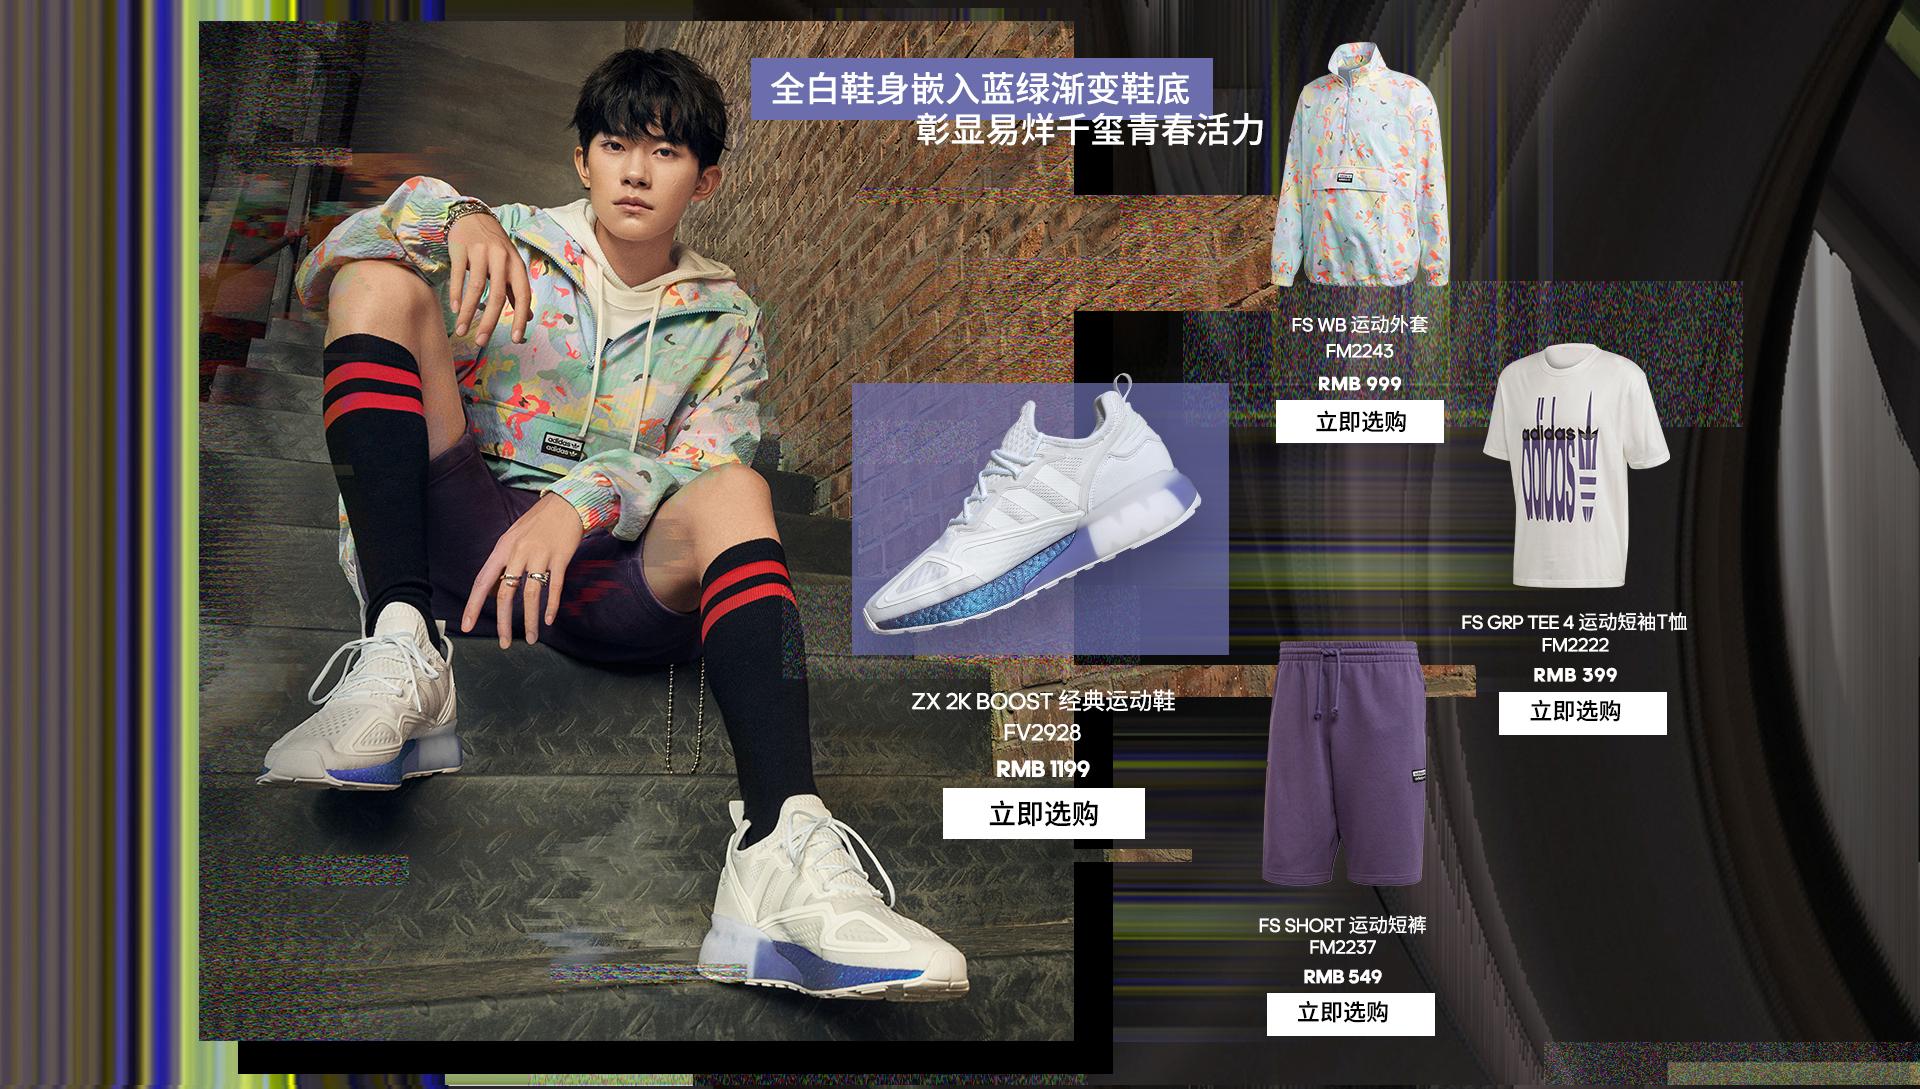 阿迪达斯官网商城_zx_阿迪达斯(adidas)官网商城